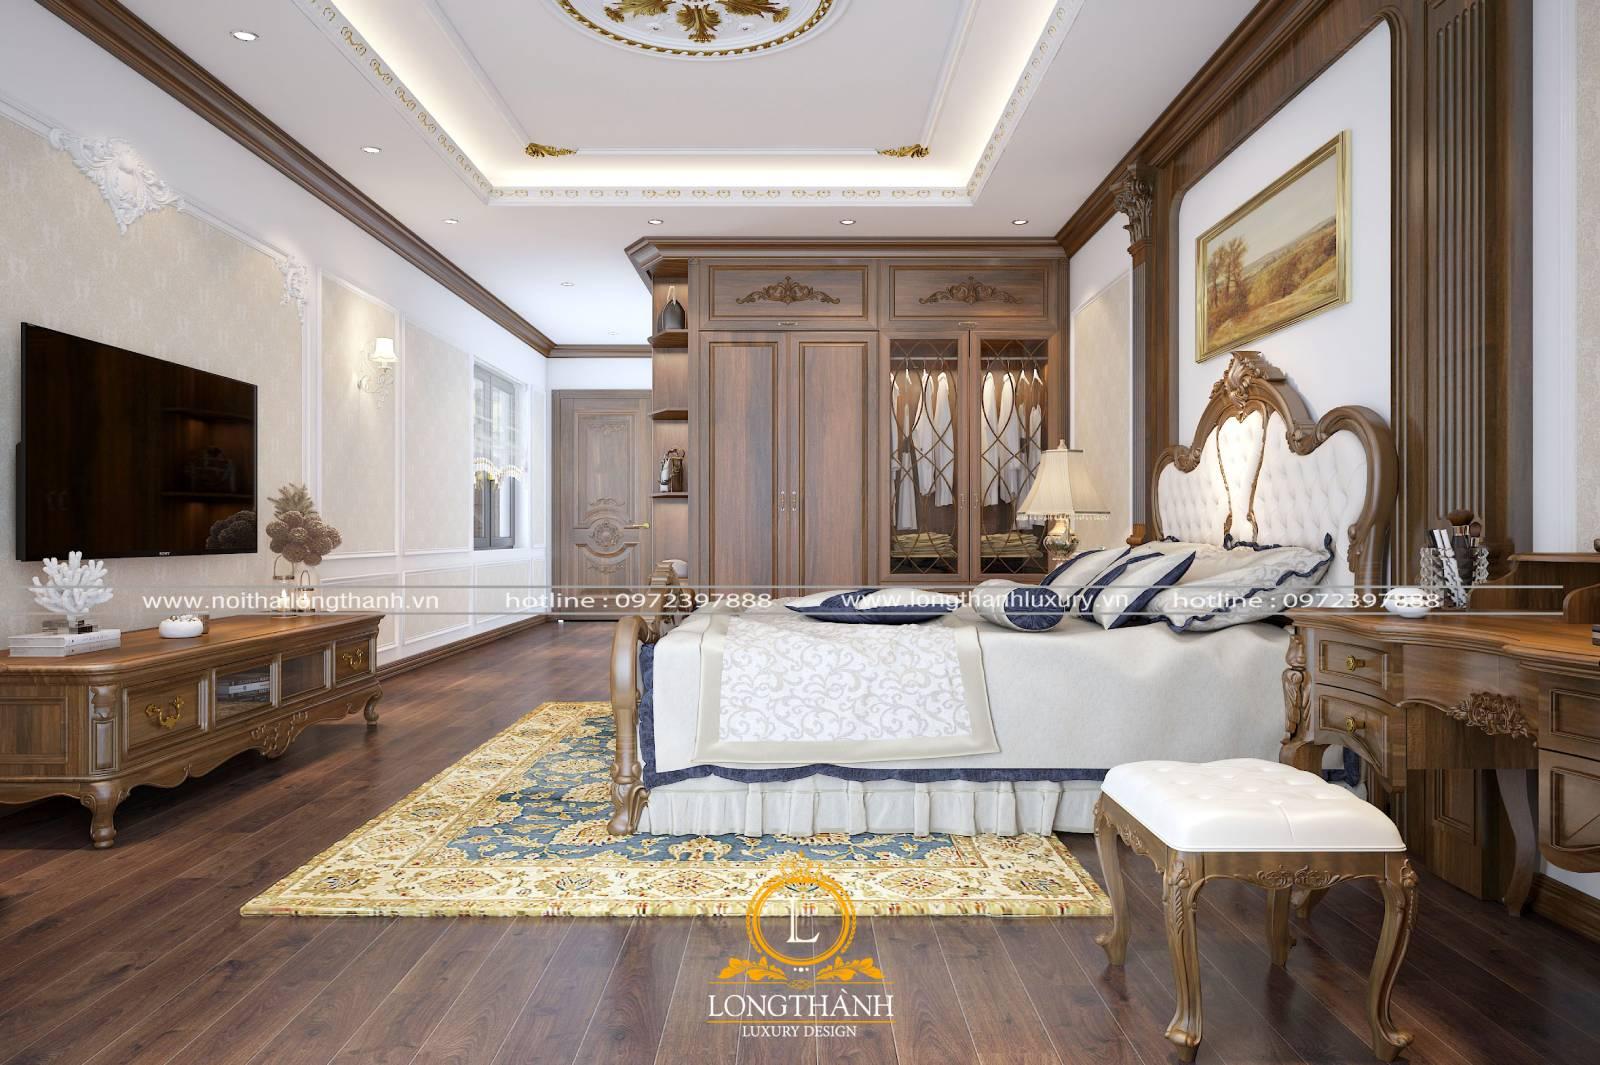 Vị trí đặt giường tủ trong phòng ngủ mang ý nghĩa phong thủy cao